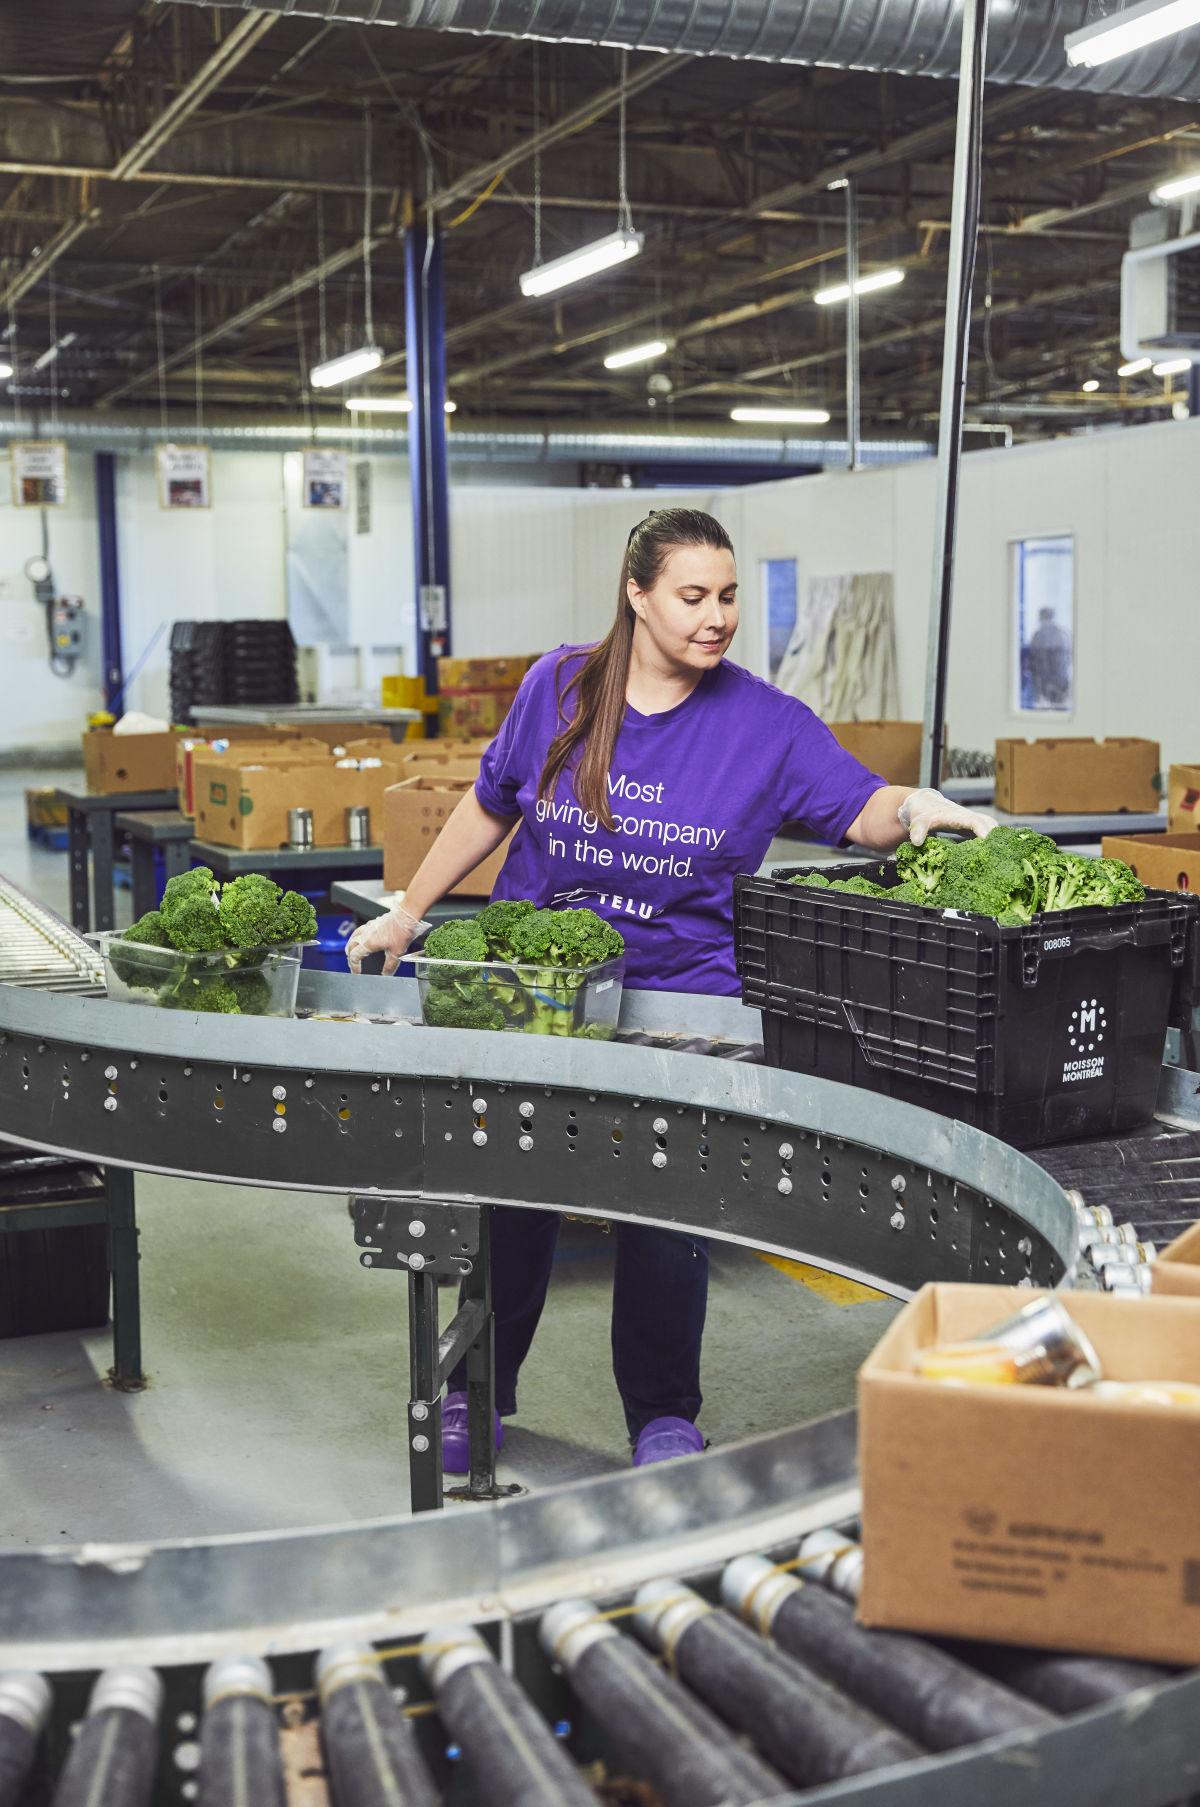 Jennifer Kirby sorting broccoli on a conveyor belt